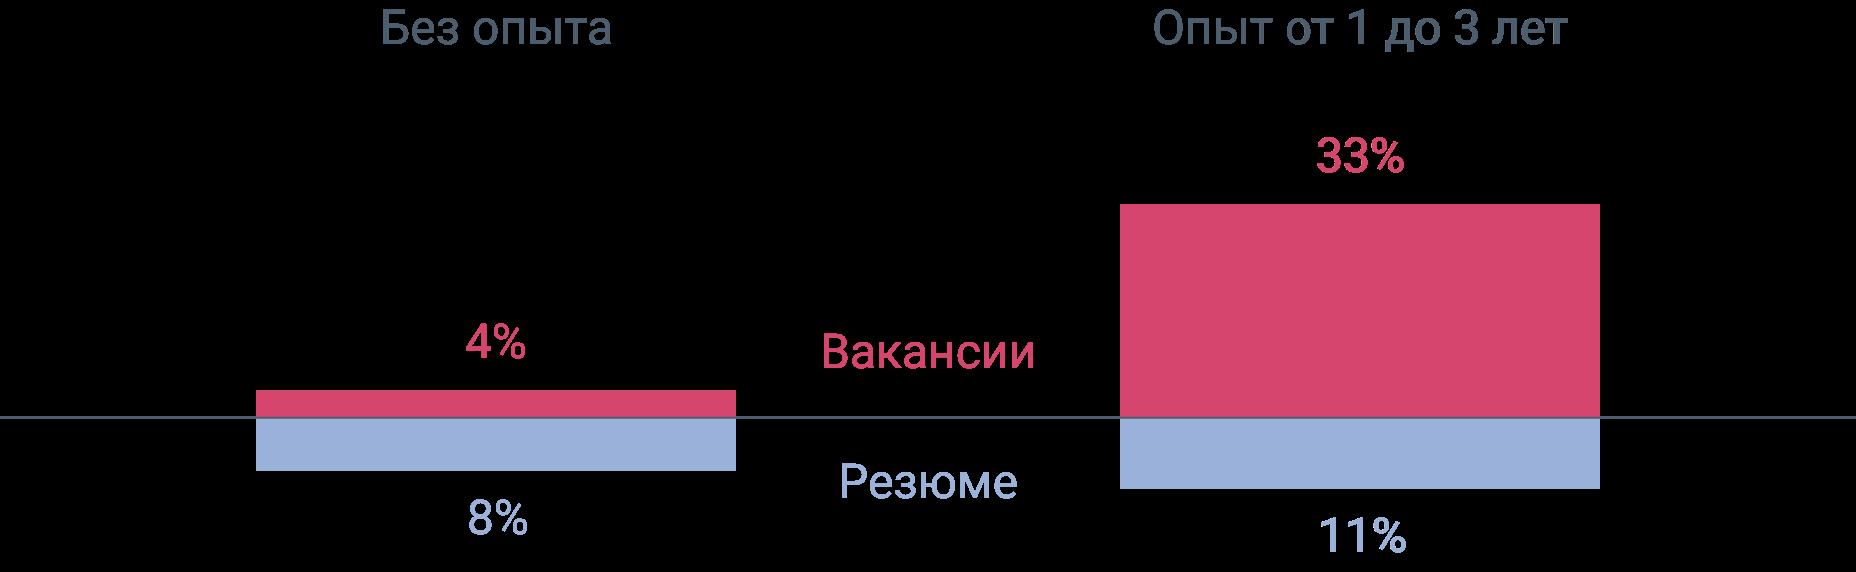 Статистика по данным сайта hh.ru за 2018 г. по запросу «Data Science»